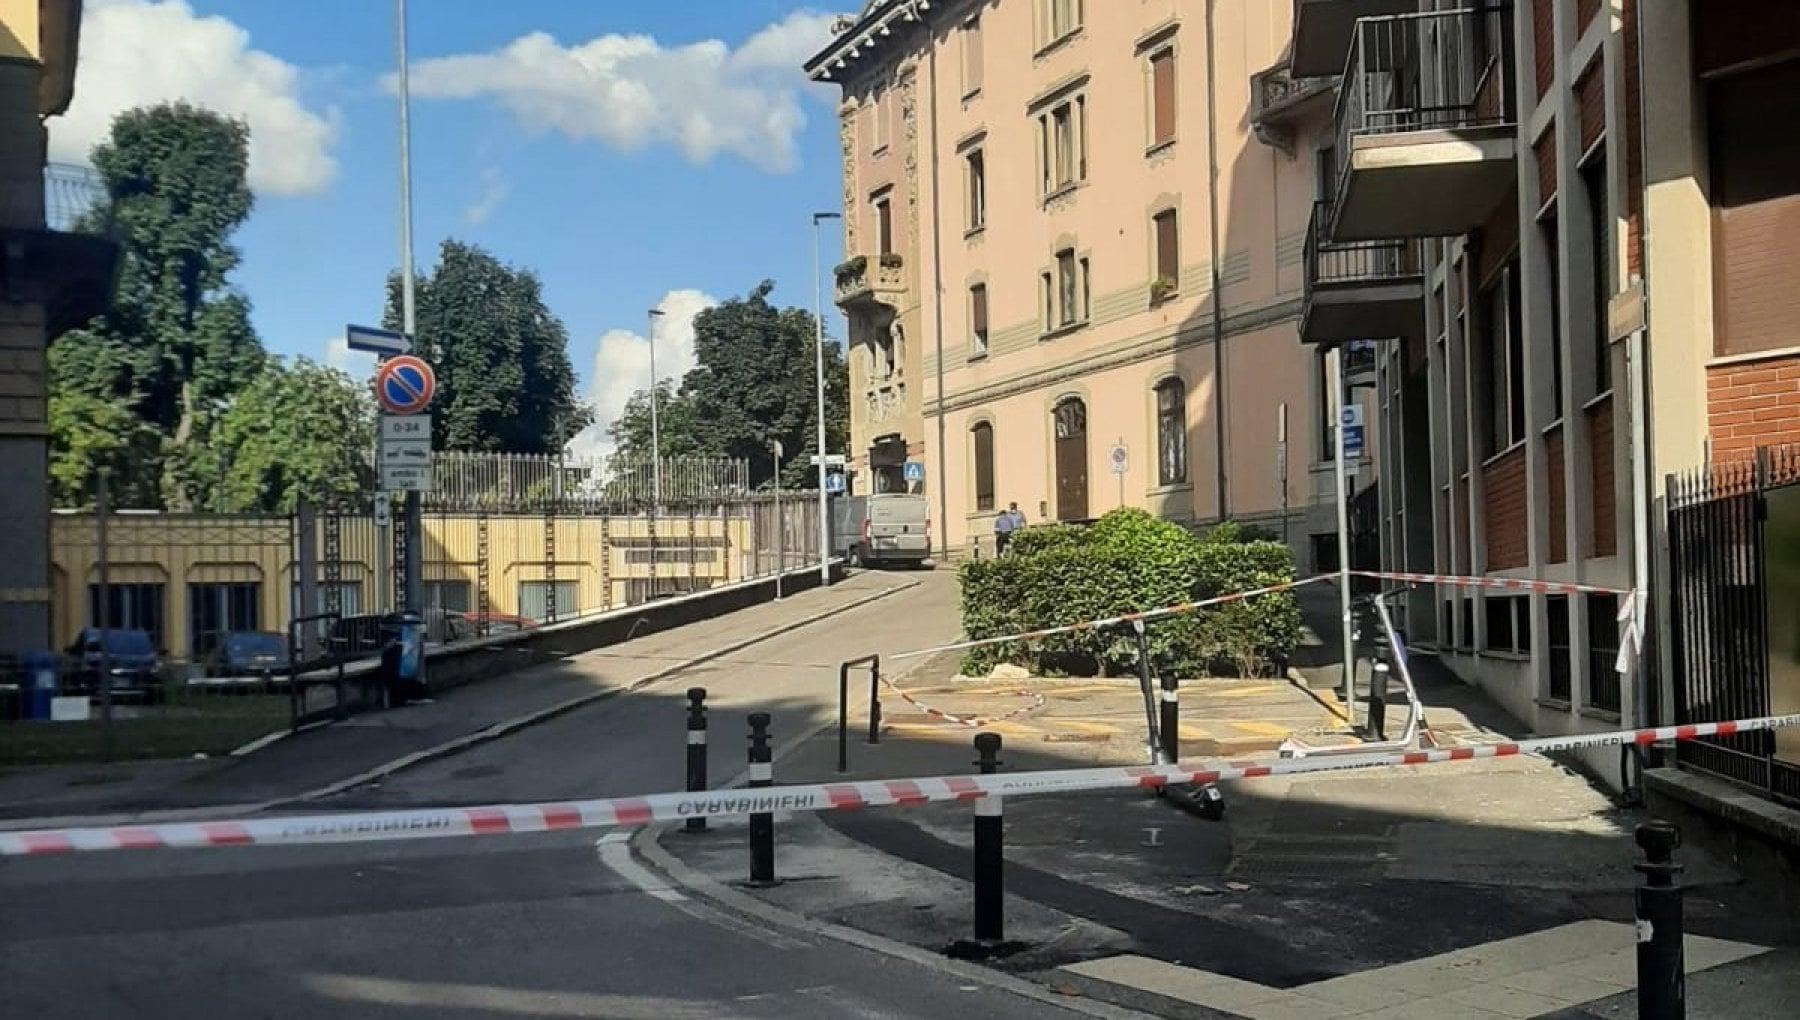 174058413 e2946c53 e294 45e2 b3a6 f40fc3154079 - Bergamo, ucciso a coltellate davanti a moglie e figli dopo una lite di strada. Fermato 20enne